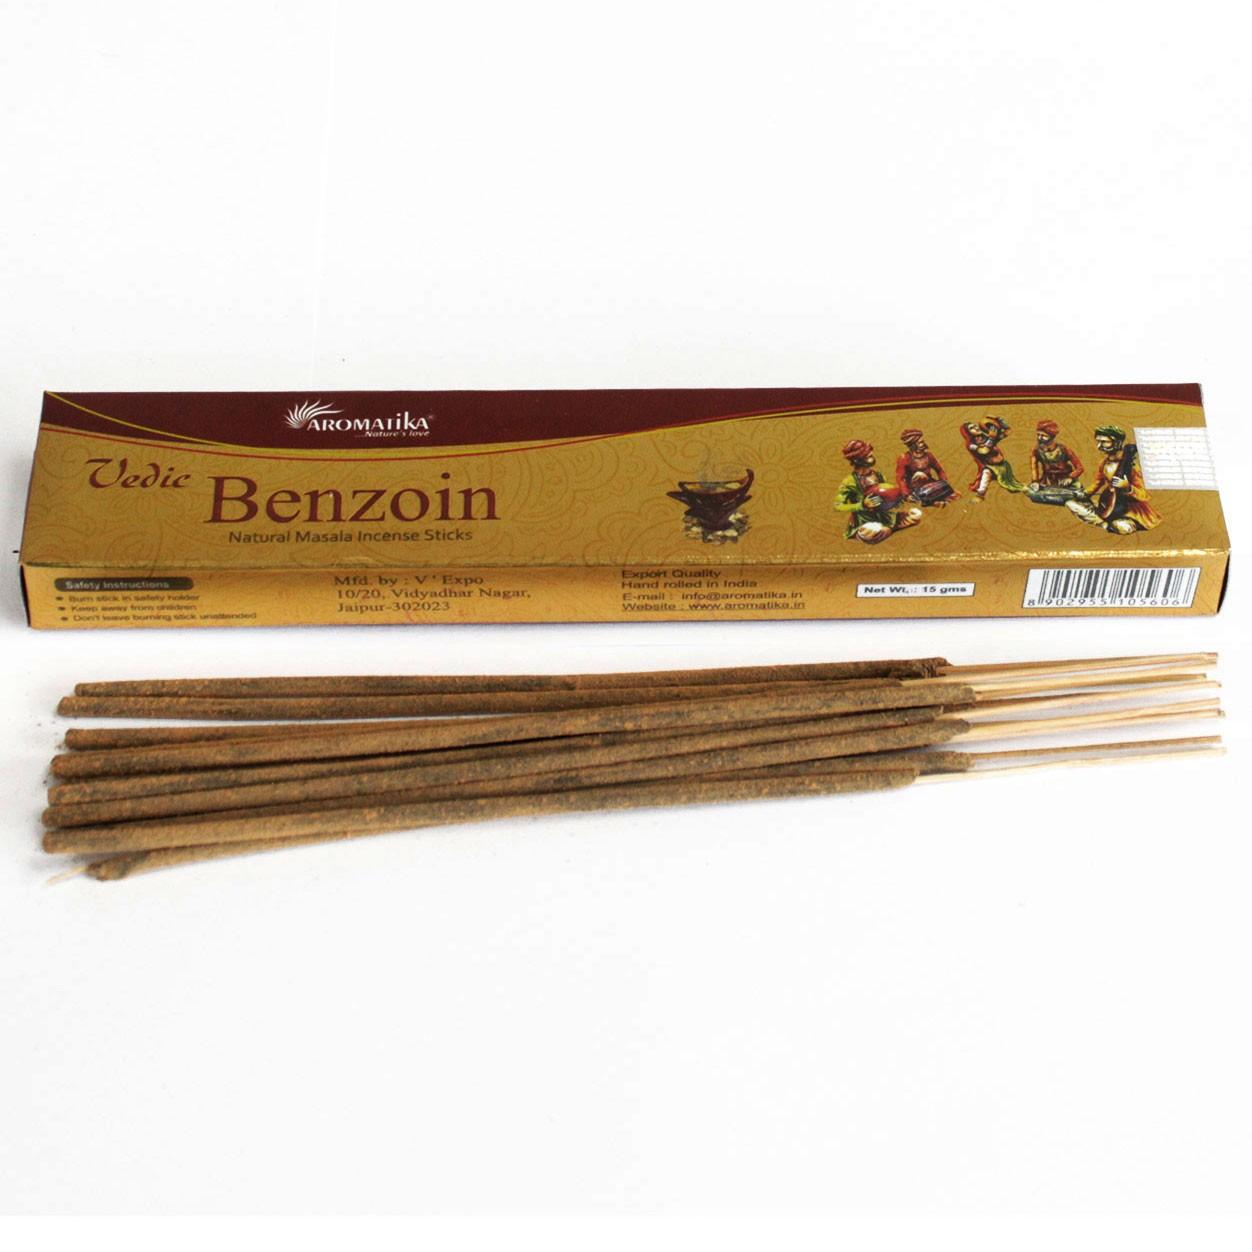 Vedic Incense Sticks Benzoin